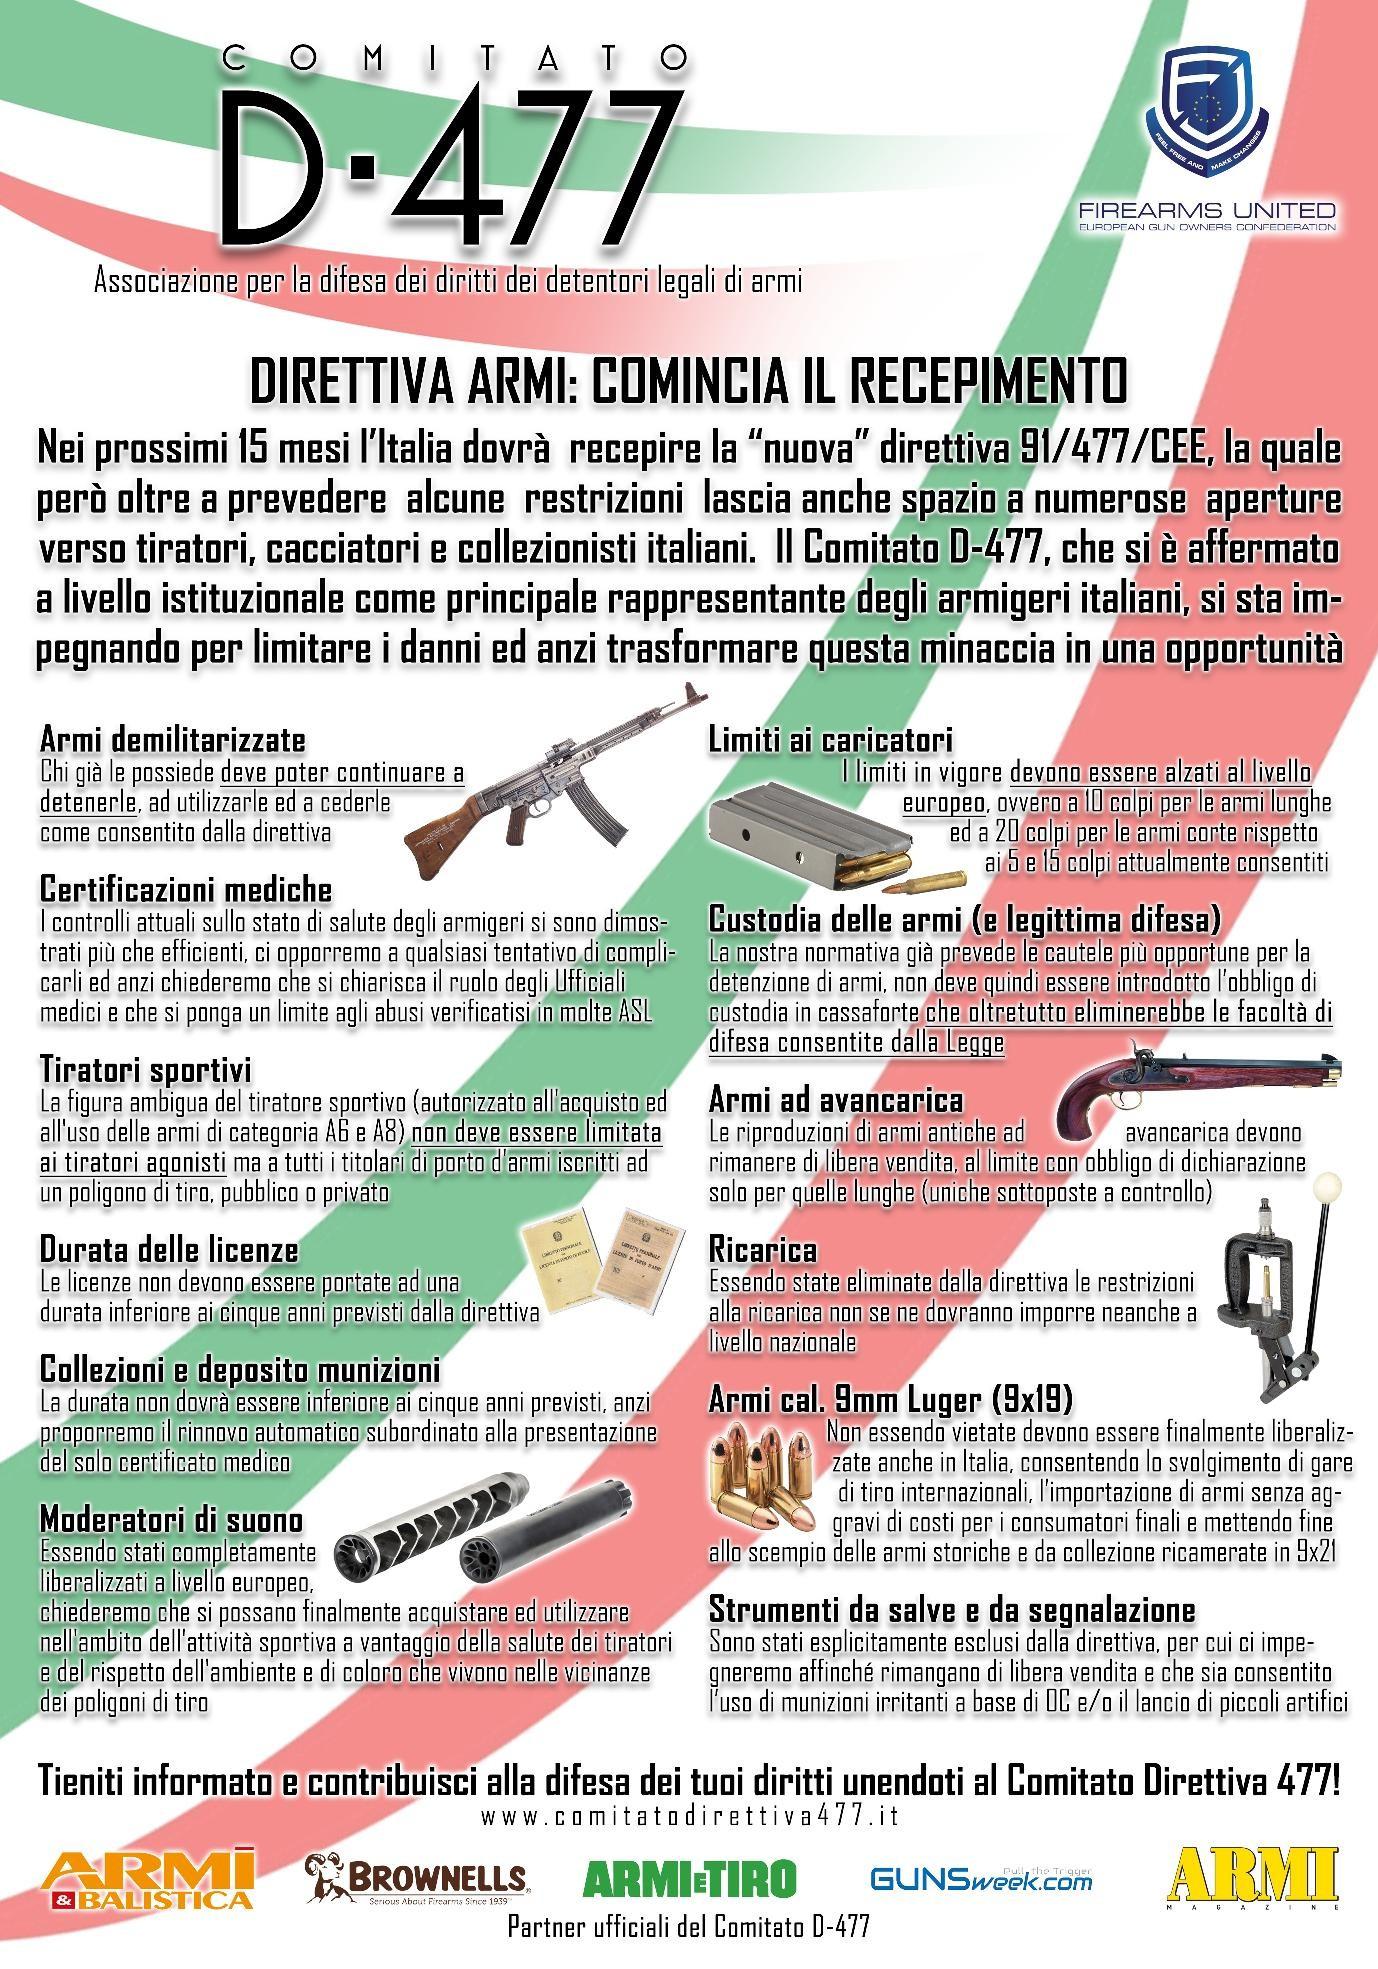 uso di munizioni irritanti a base di OC lo stesso principio delle olette gi di libera vendita e porto e di lancio di piccoli artifici pirotecnici